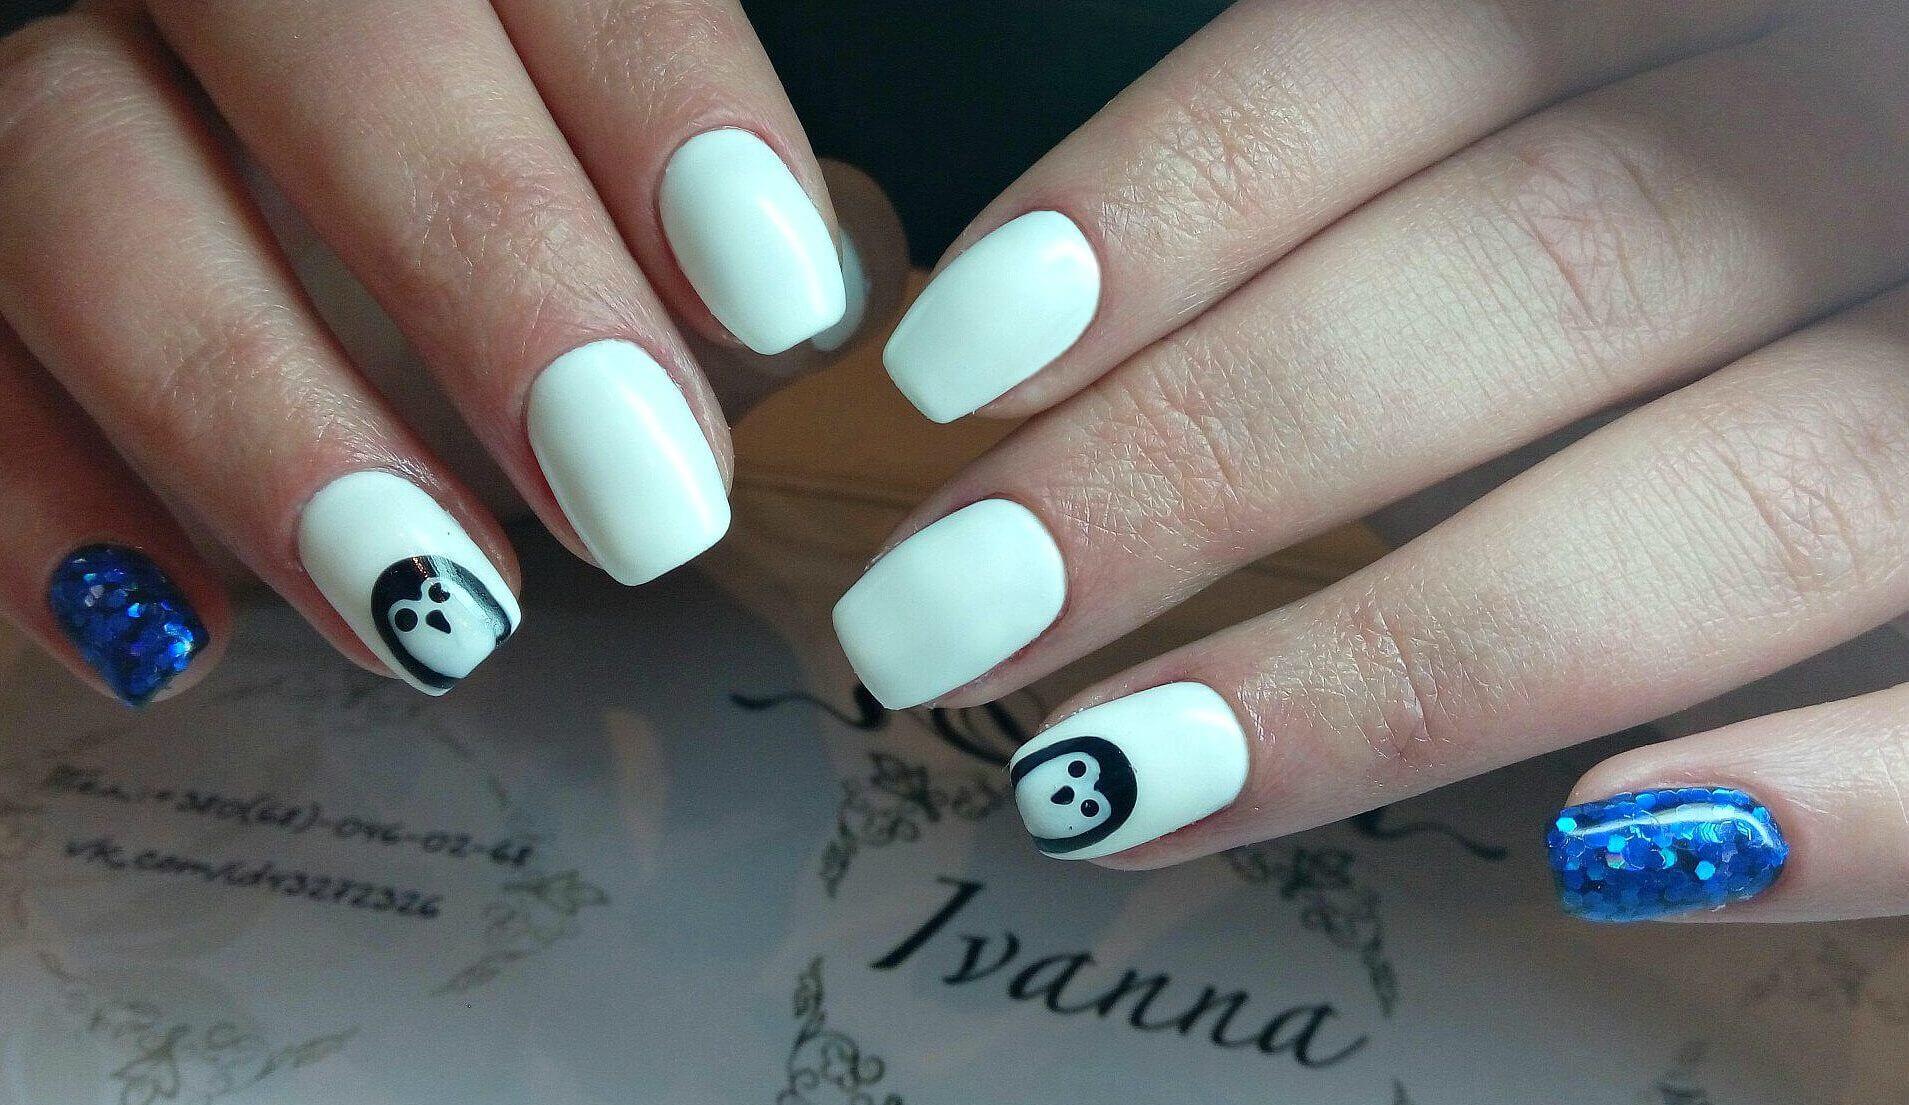 Дизайн ногтей с рисунком - фото идей дизайна ногтей - Best Маникюр 53